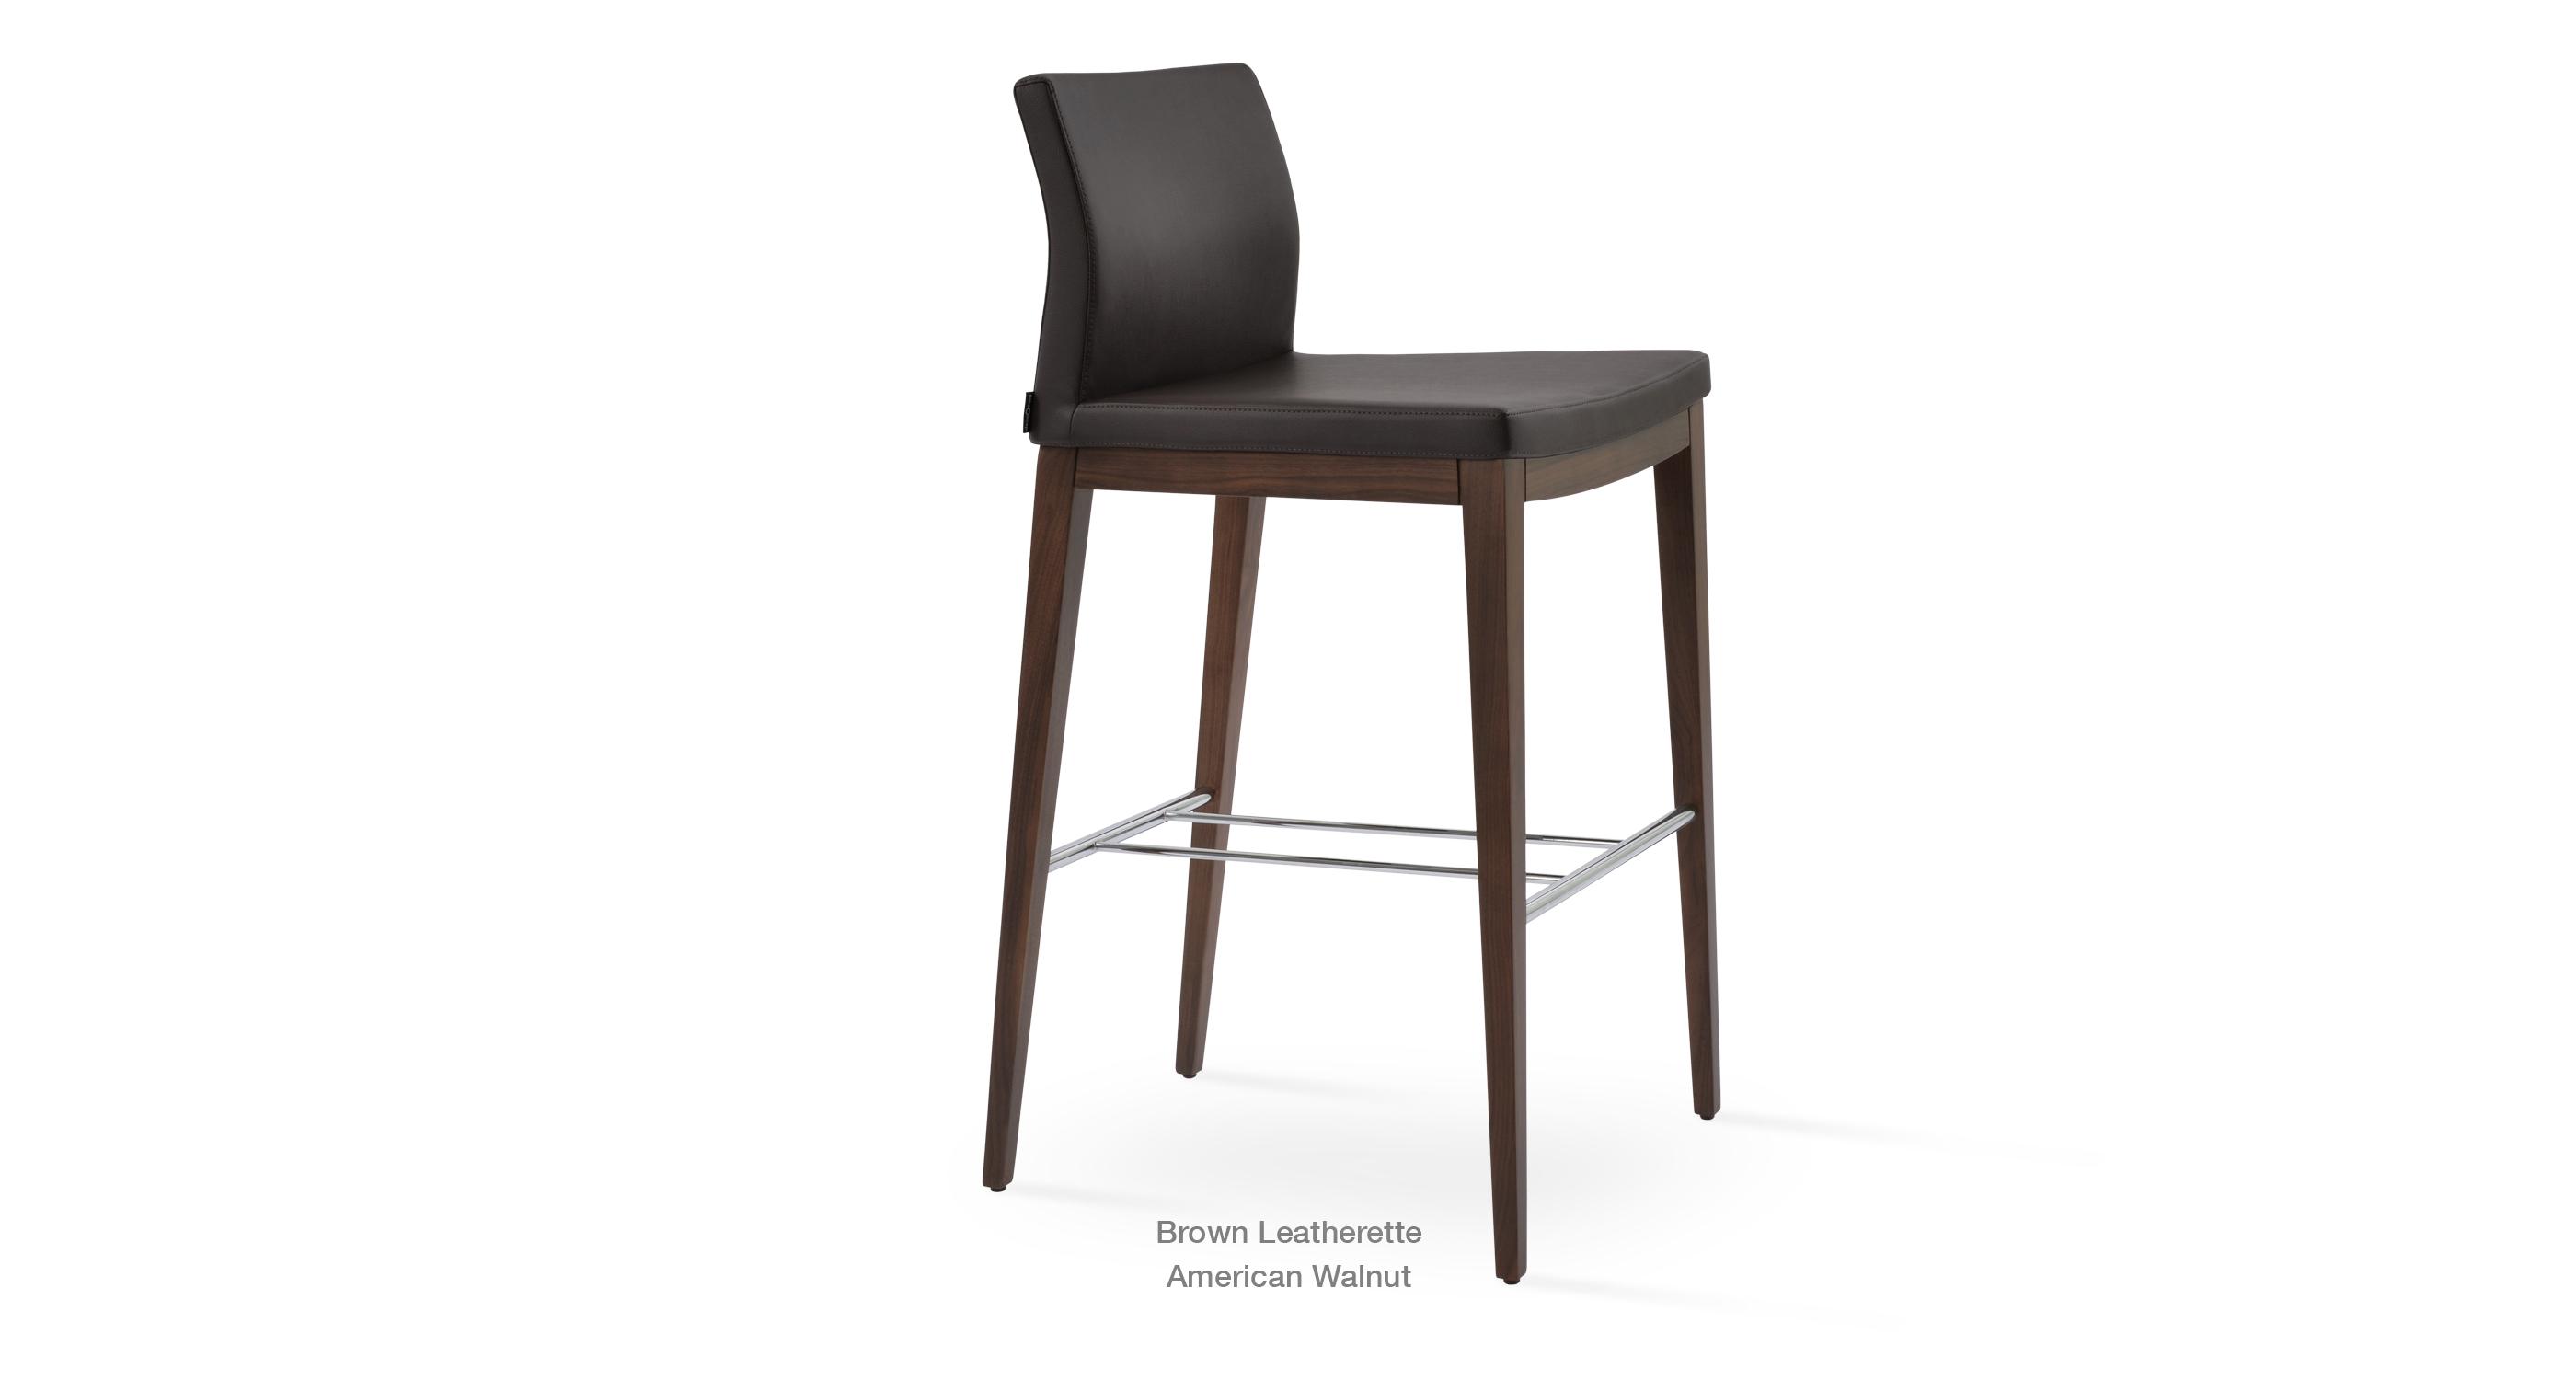 Superb Pasha Wood Ergonomic Bar Counter Stools Sohoconcept Inzonedesignstudio Interior Chair Design Inzonedesignstudiocom